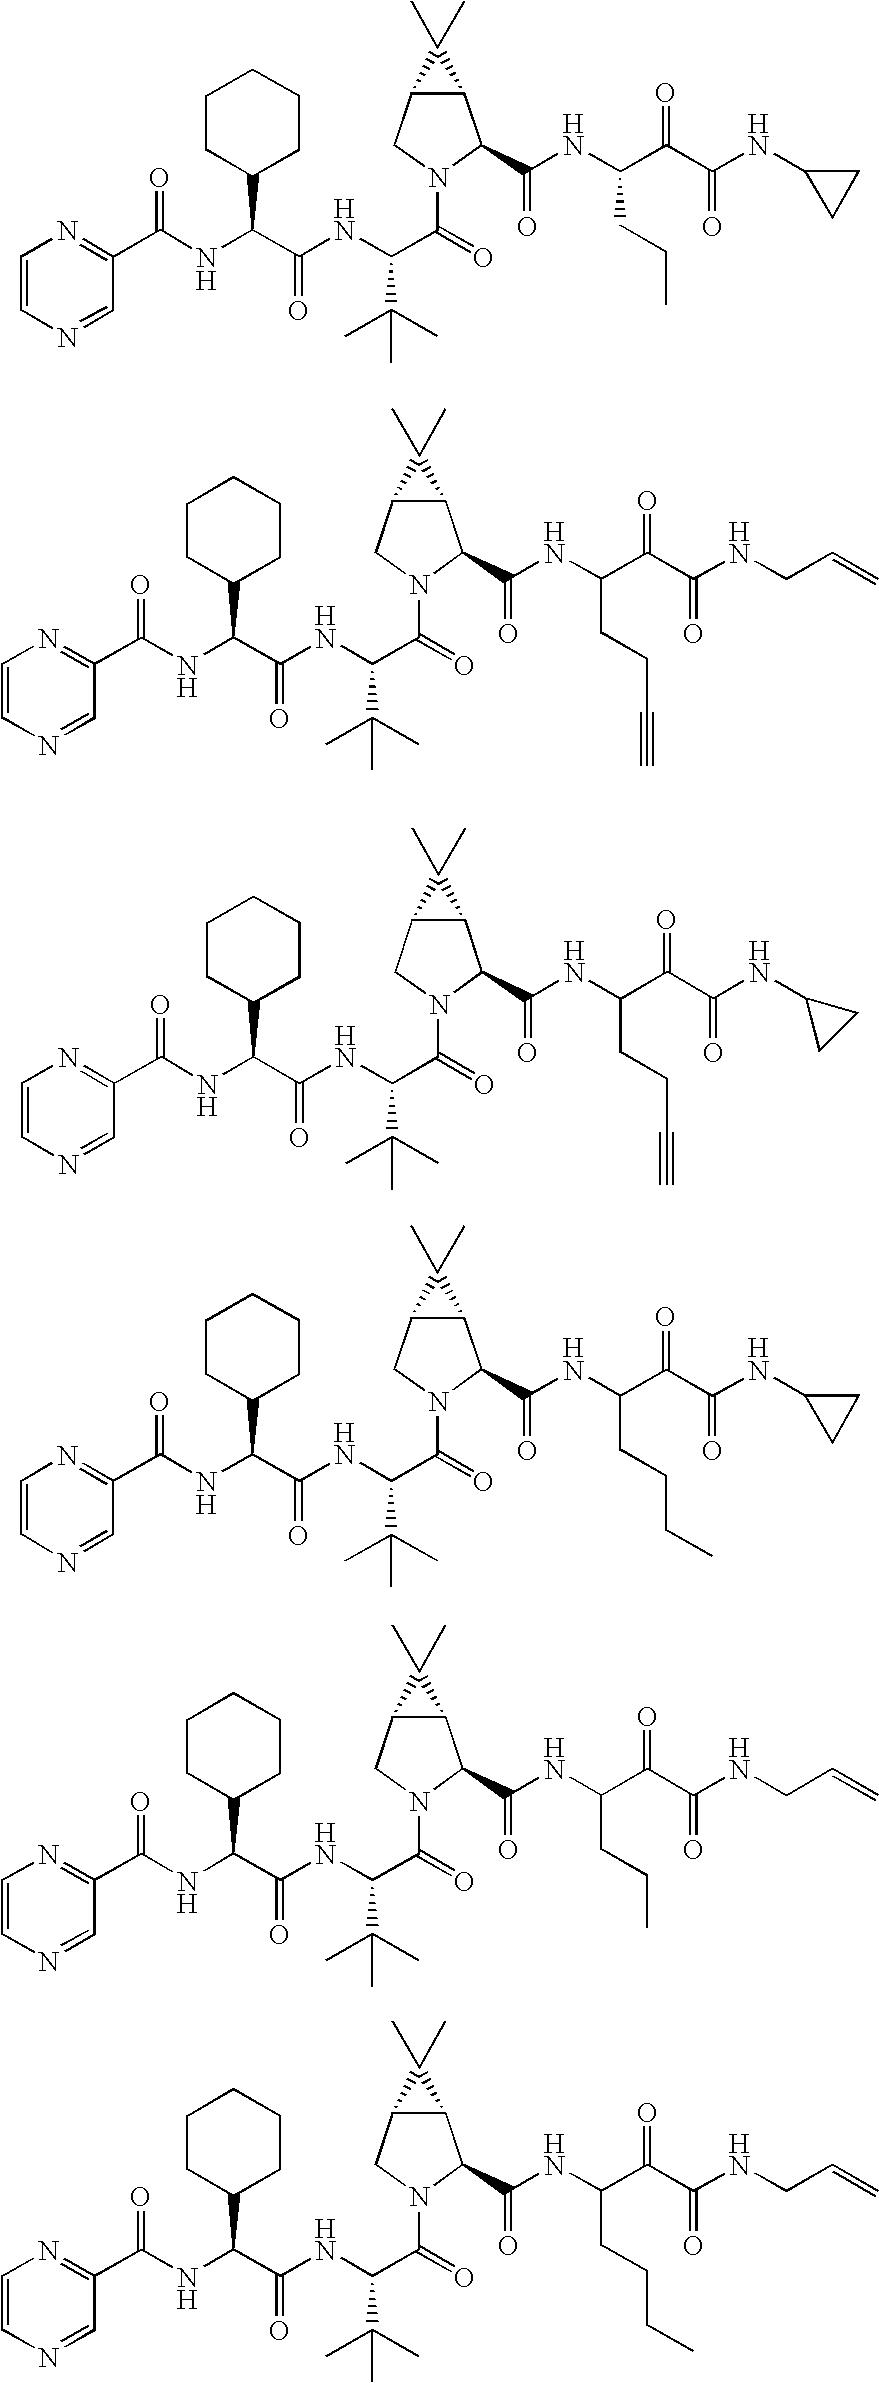 Figure US20060287248A1-20061221-C00481